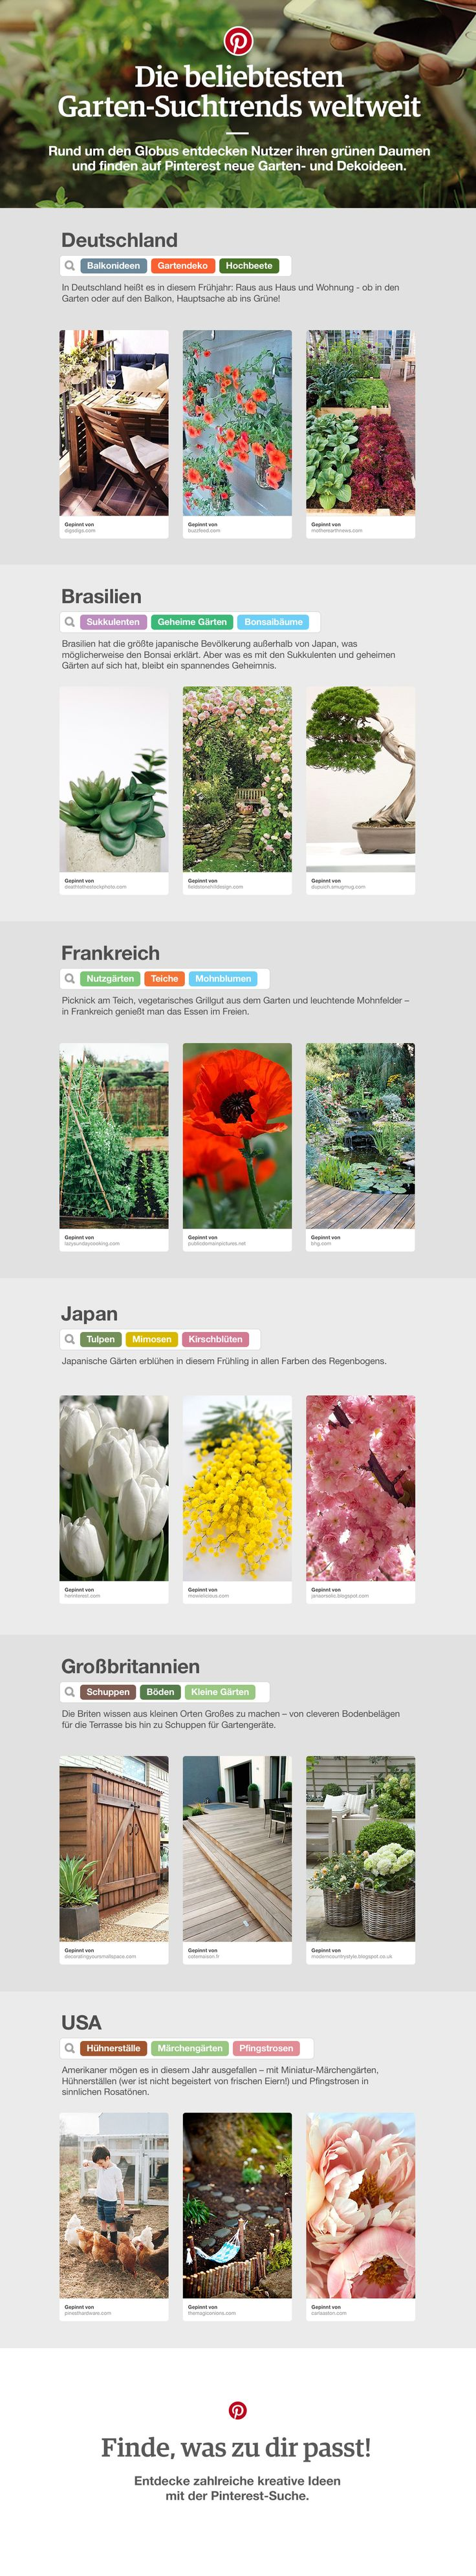 Finde, was dich begeistert! Pinner von Japan bis Brasilien finden auf Pinterest Inspiration für Garten, Balkonien und Co.